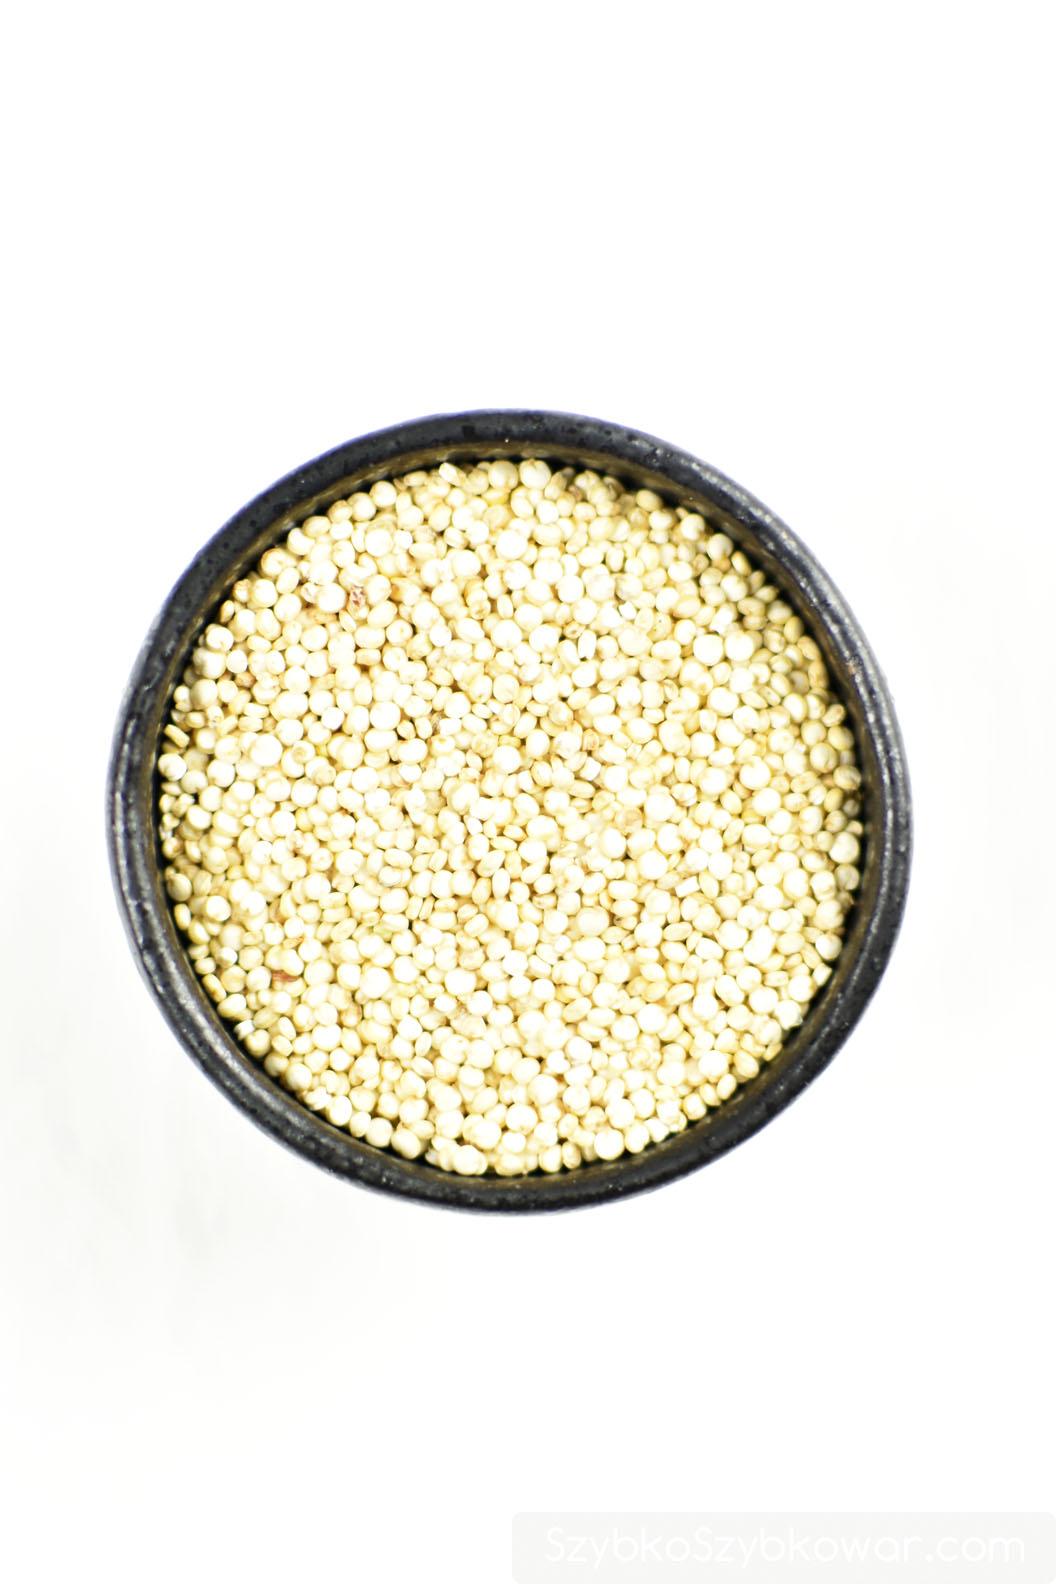 Sucha kasza quinoa (komosa ryżowa).